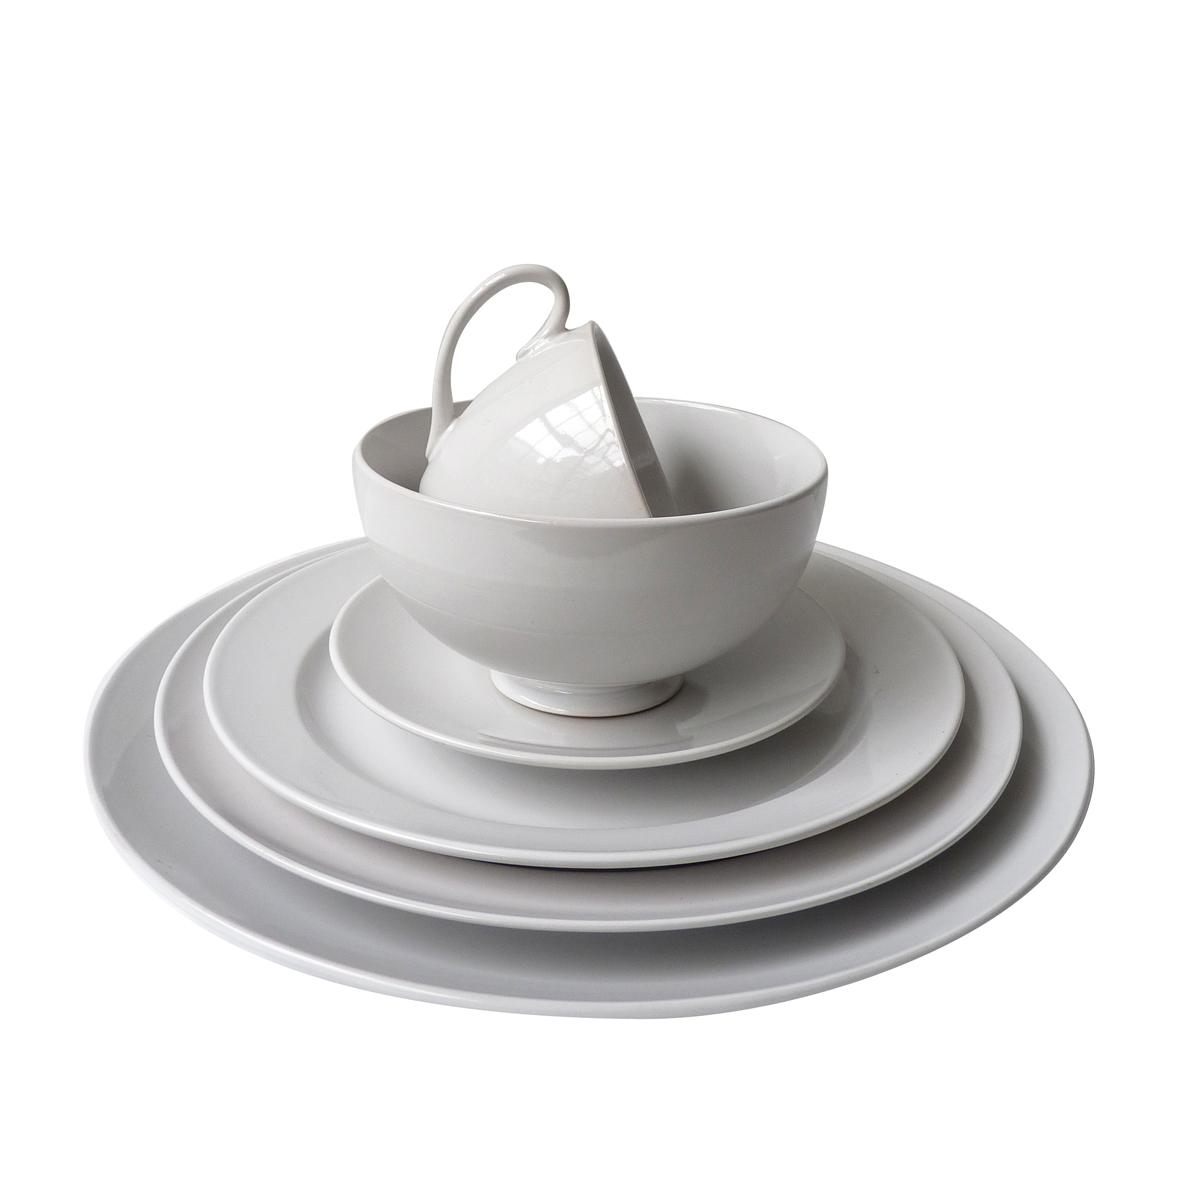 dinnerware-whi.jpg